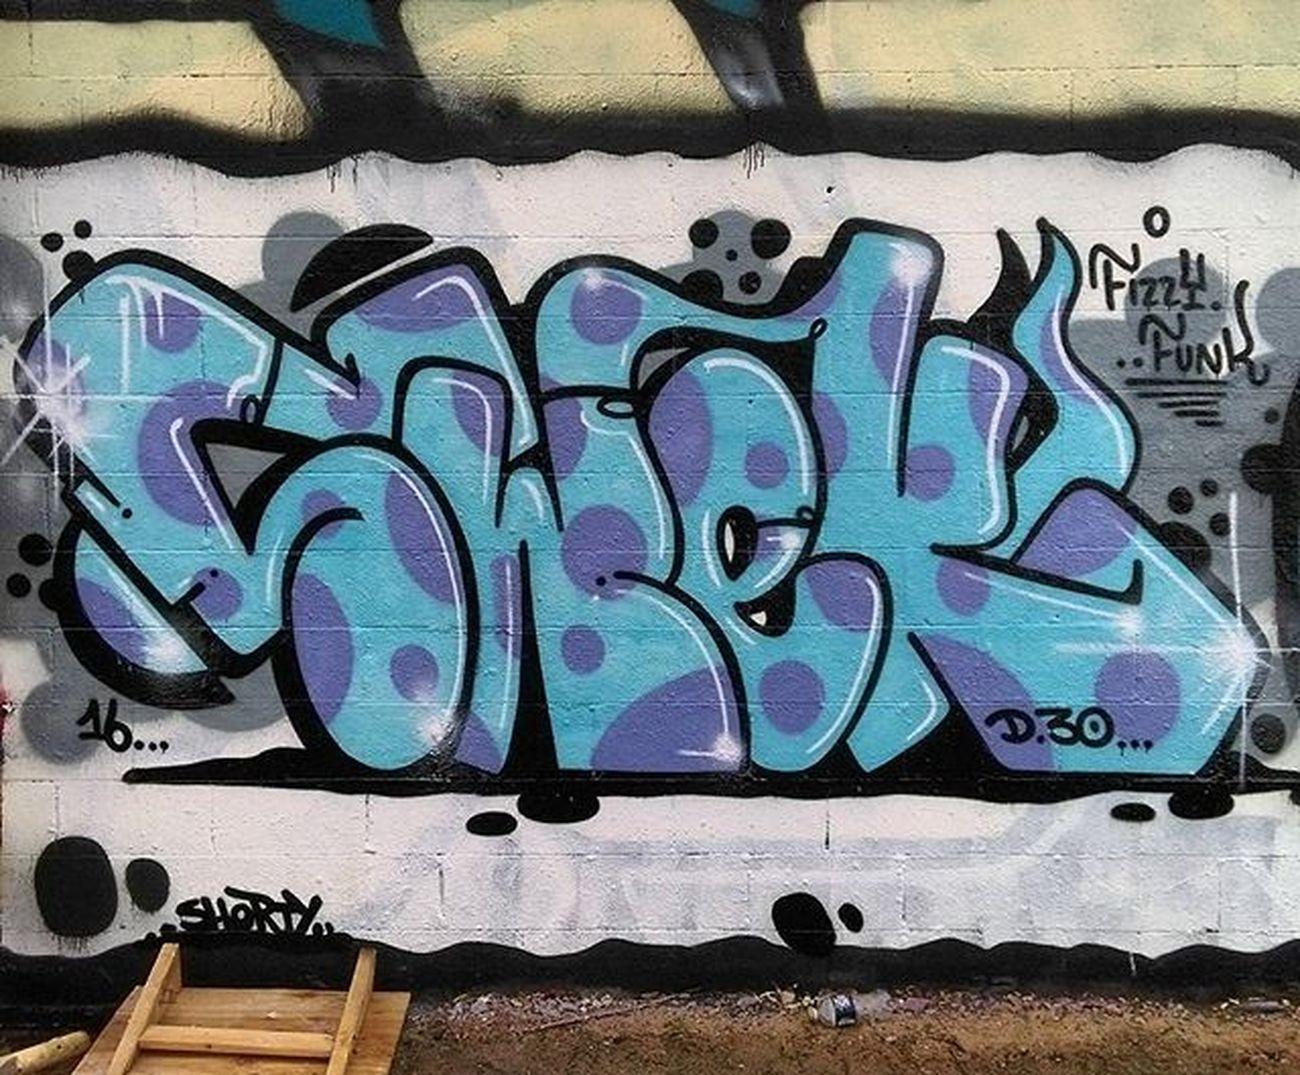 Graffiti Graffhunter Denvergraffiti Instagraffiti Rsa_graffiti Swek Sws